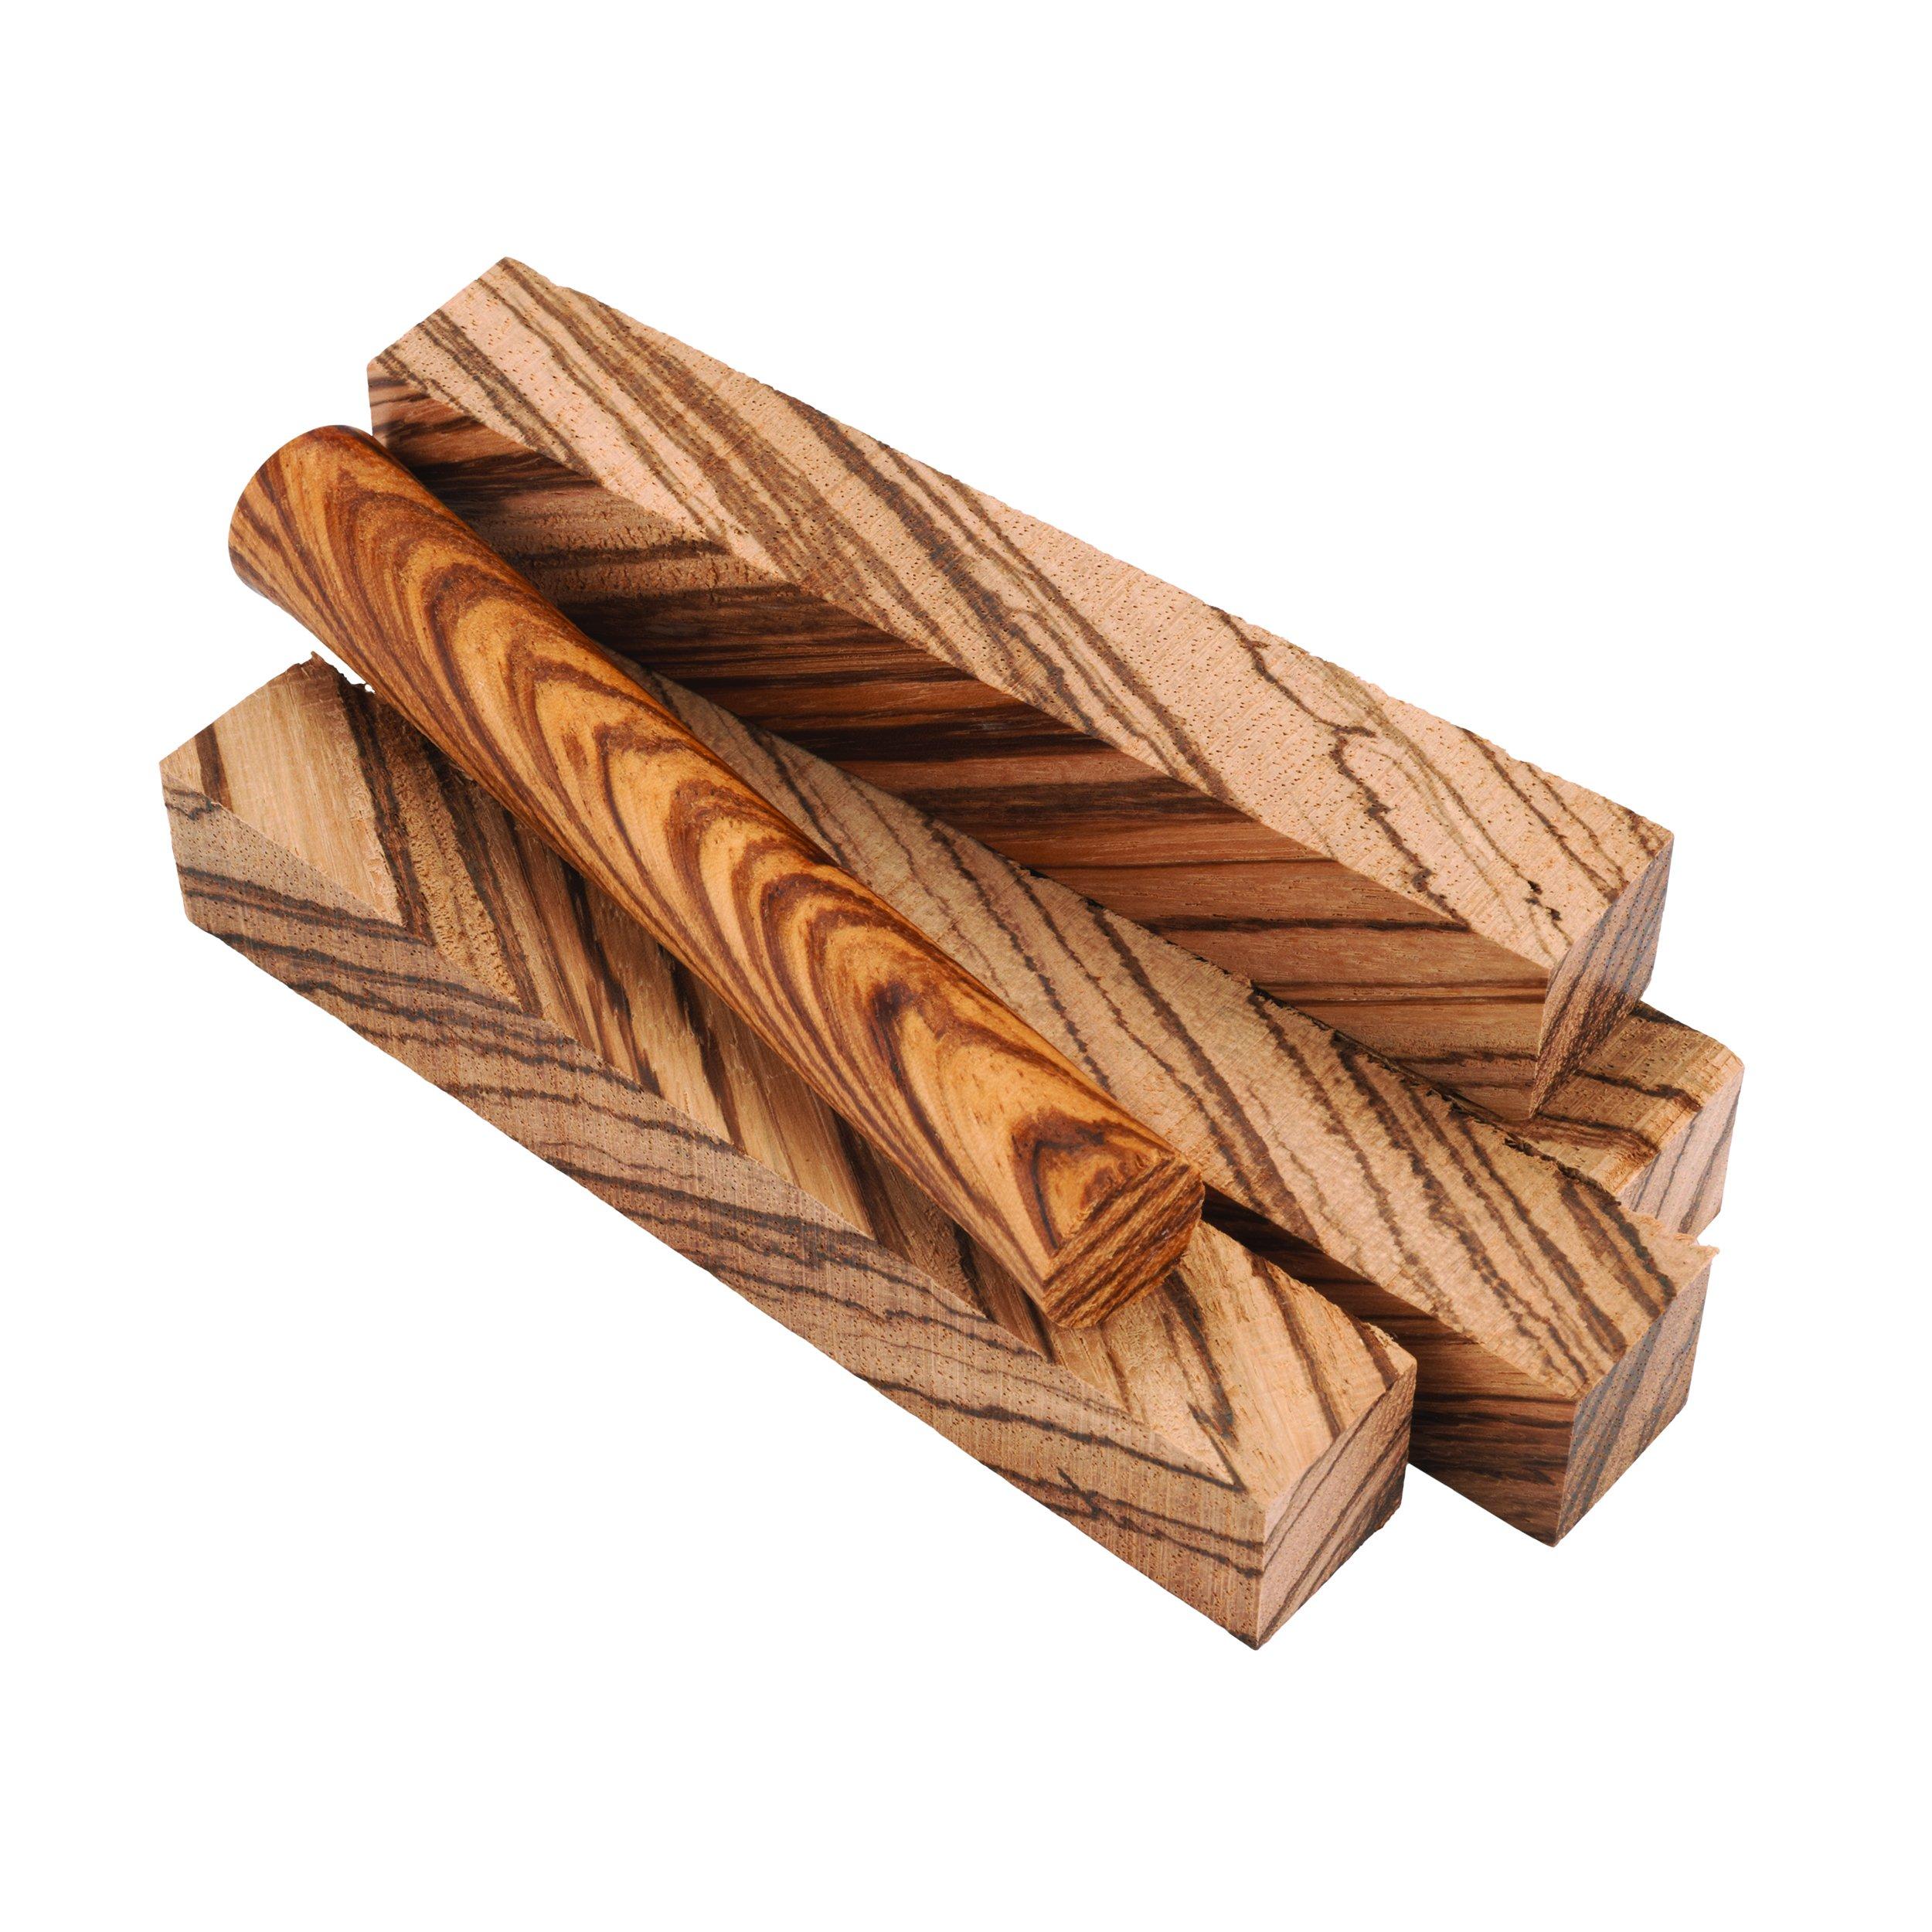 Diagonal Cut Zebrawood Pen Blank 5-pc